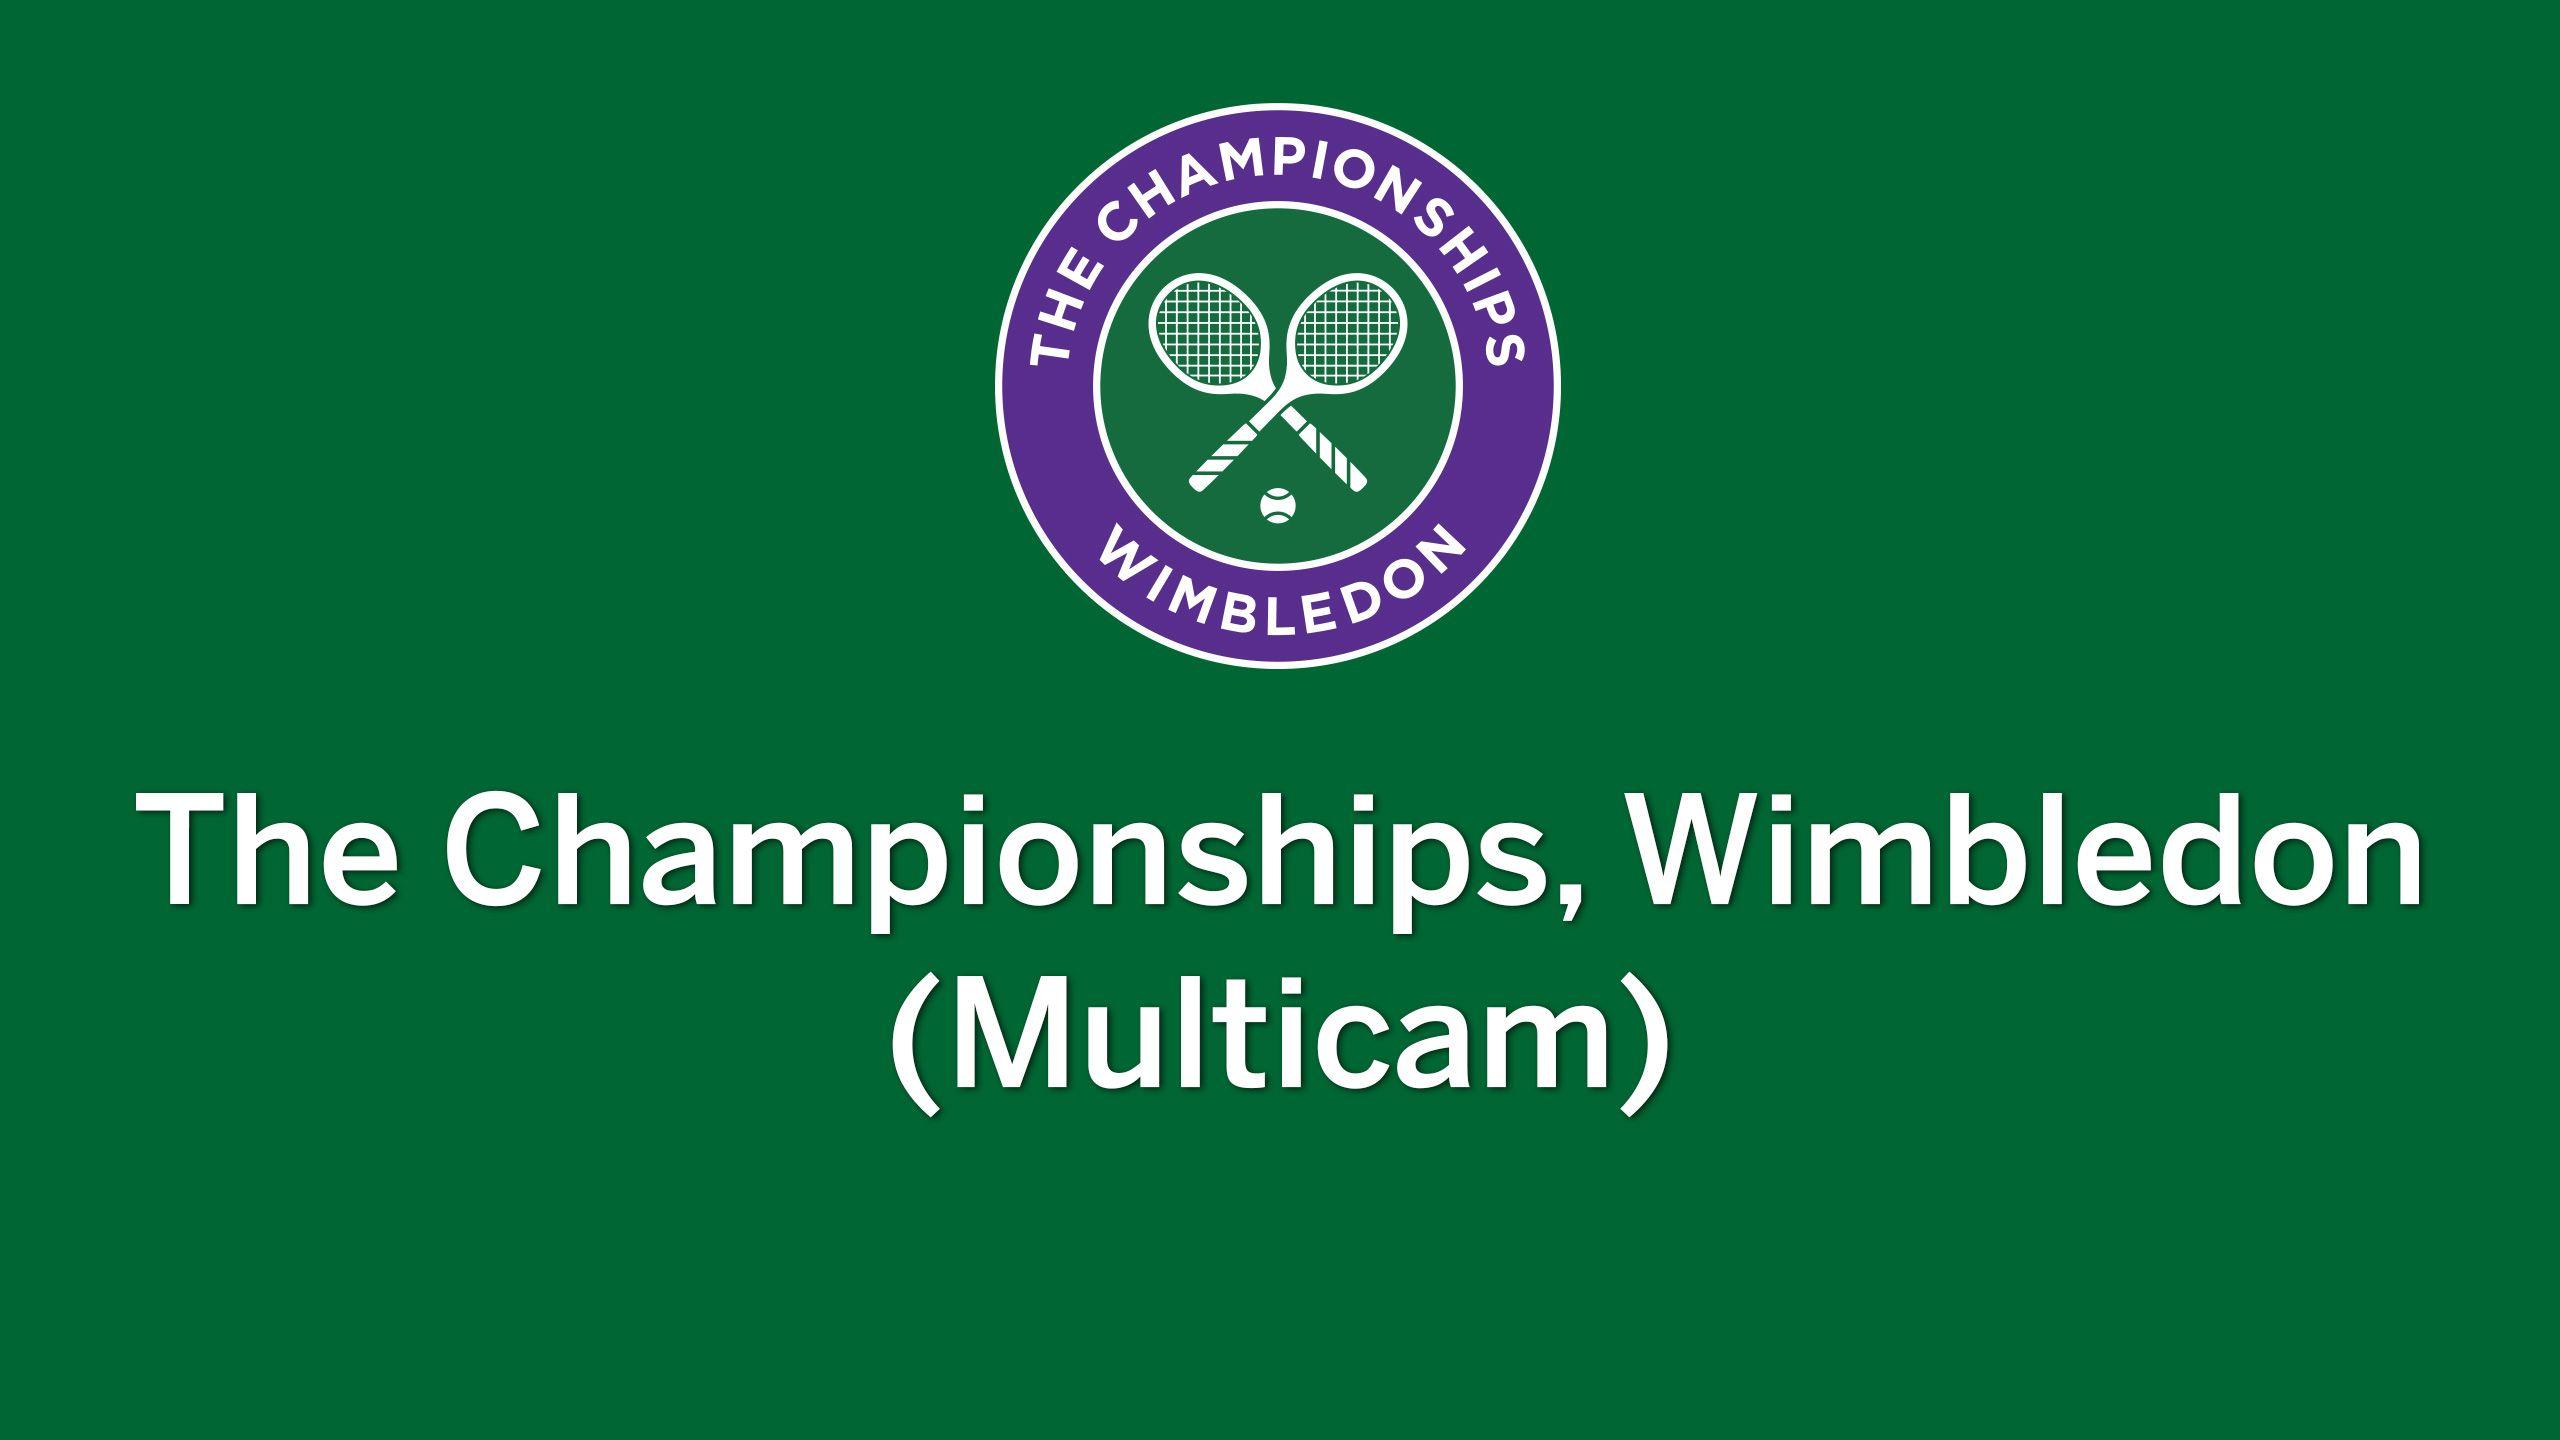 Wimbledon Multicam (Gentlemen's Semifinals)